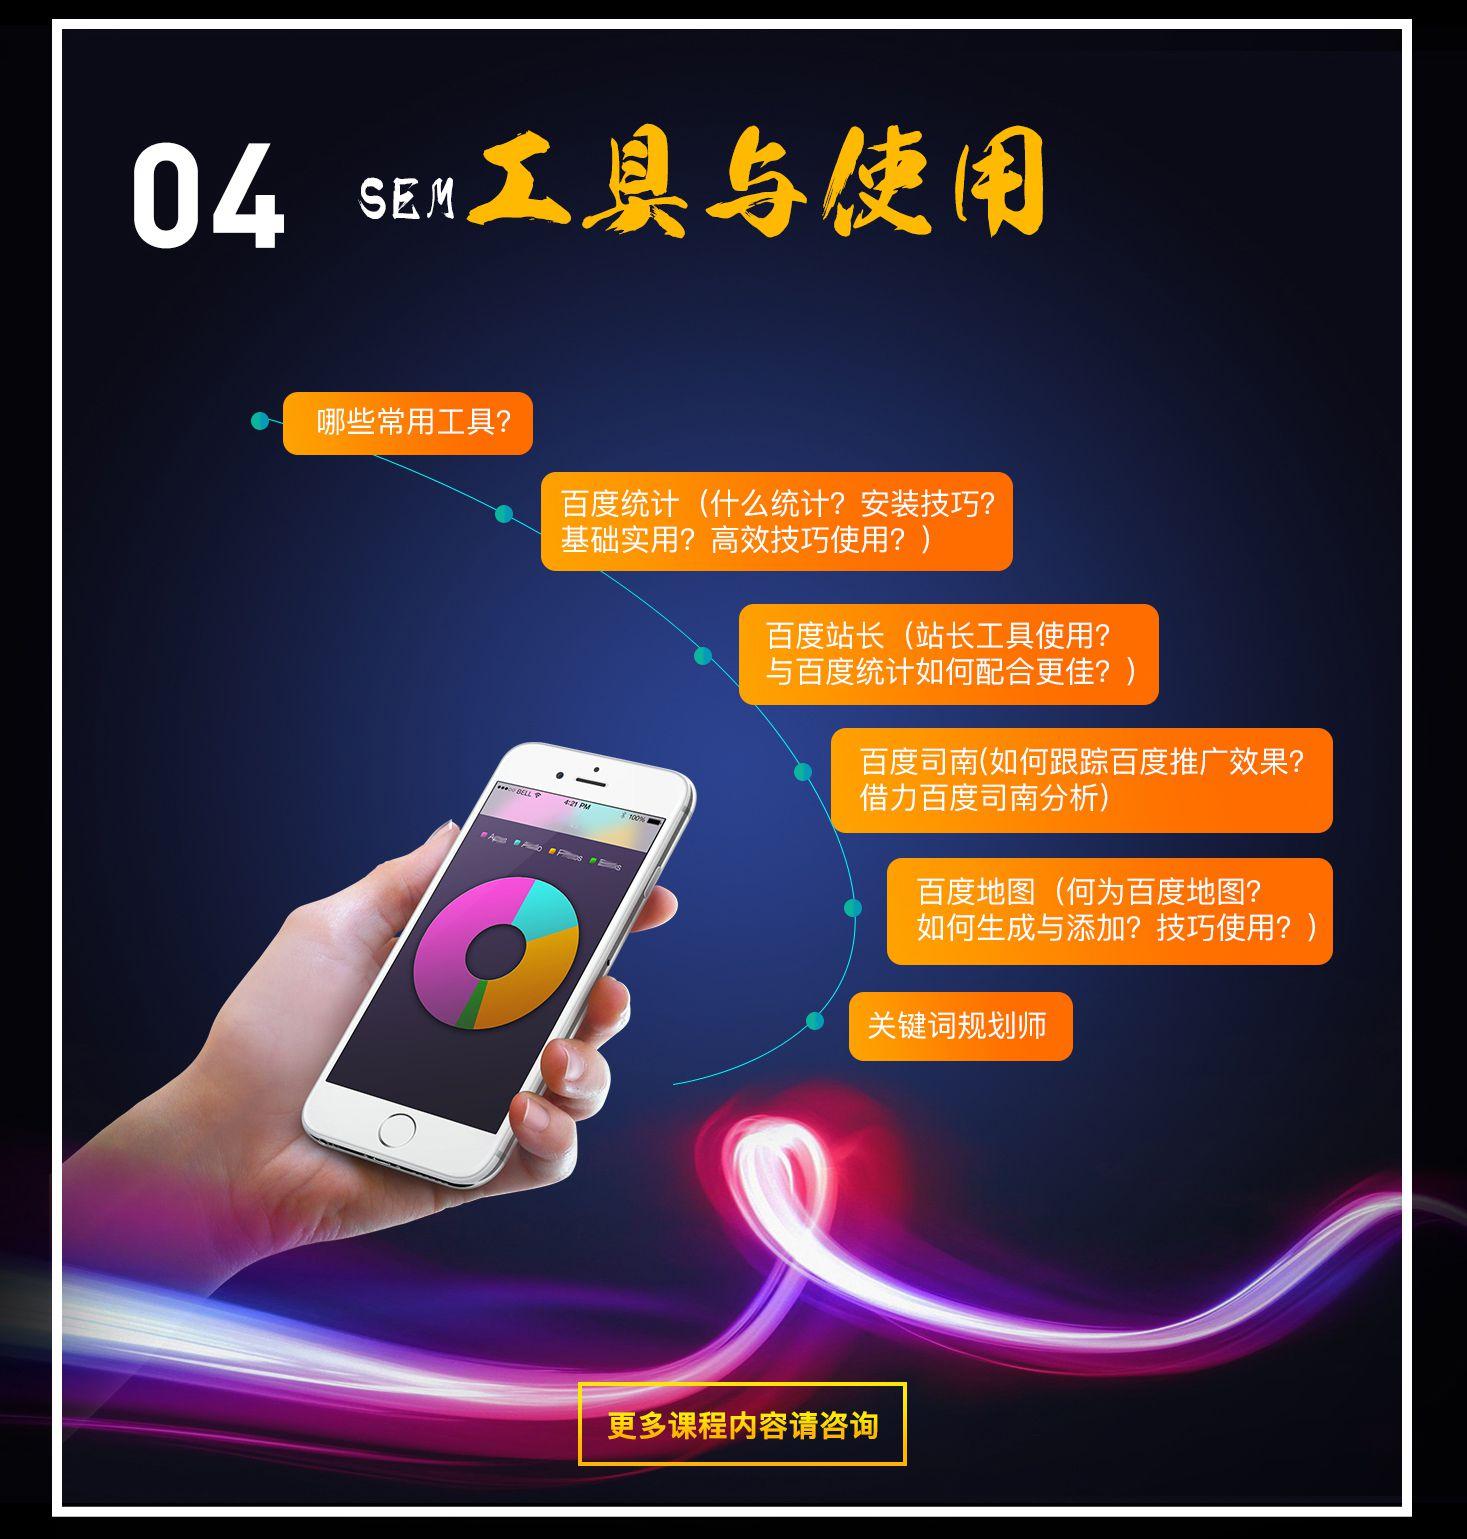 上海SEM推广培训